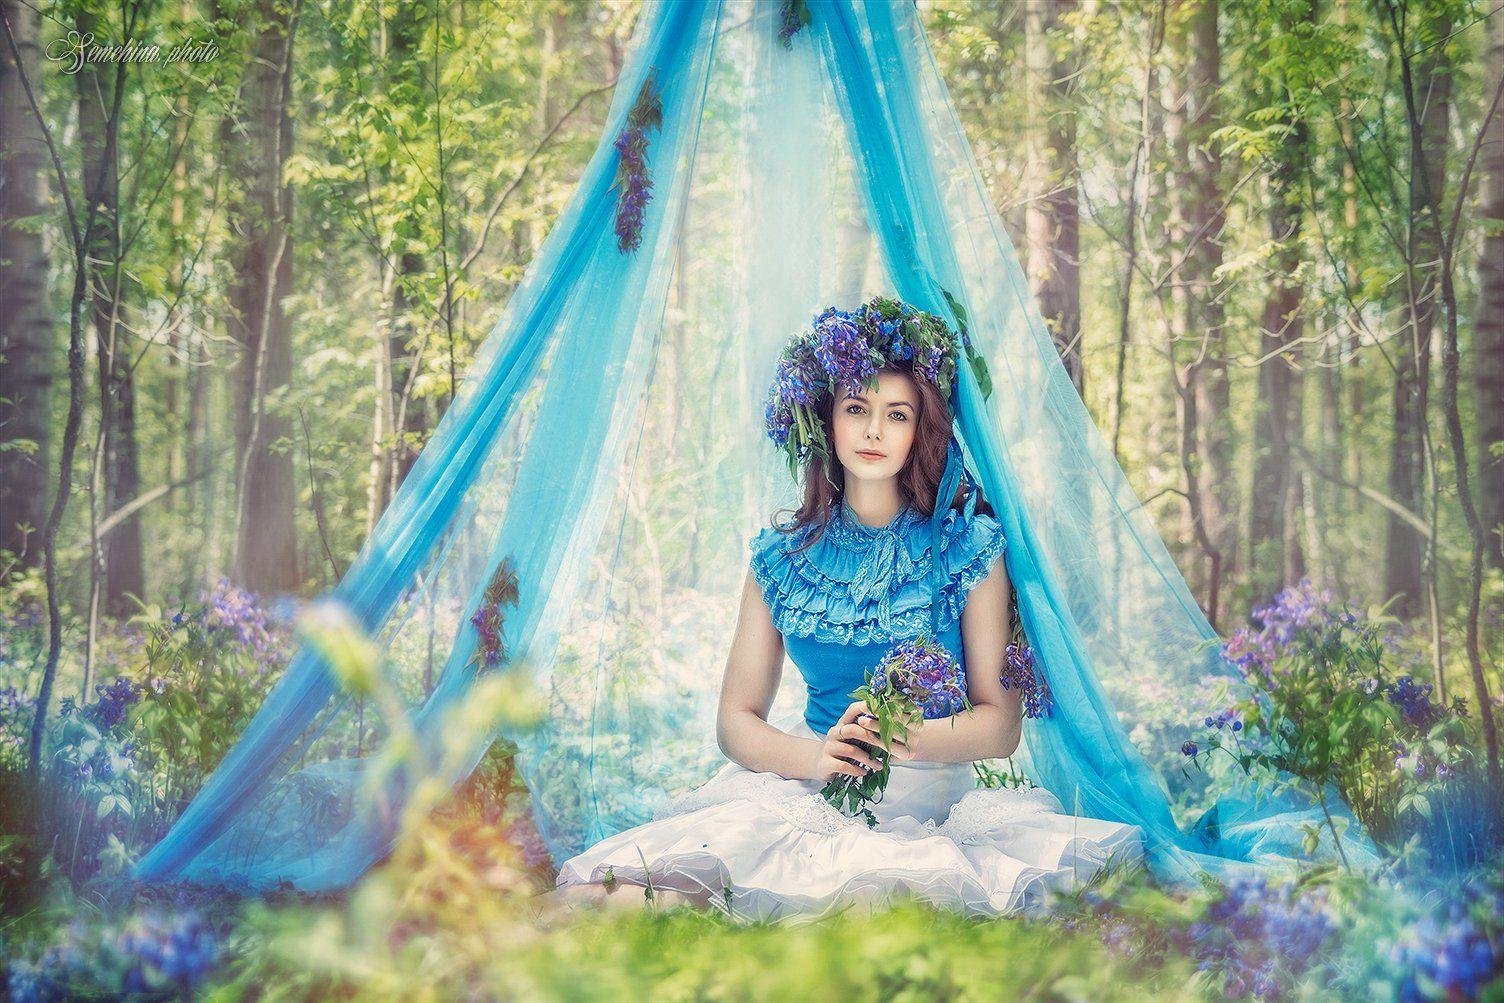 девушка, лес, дйюмовочка, сказка, лето, цветы, girl, summer,blue, fairytale, flower, flowers, Марина Семёхина